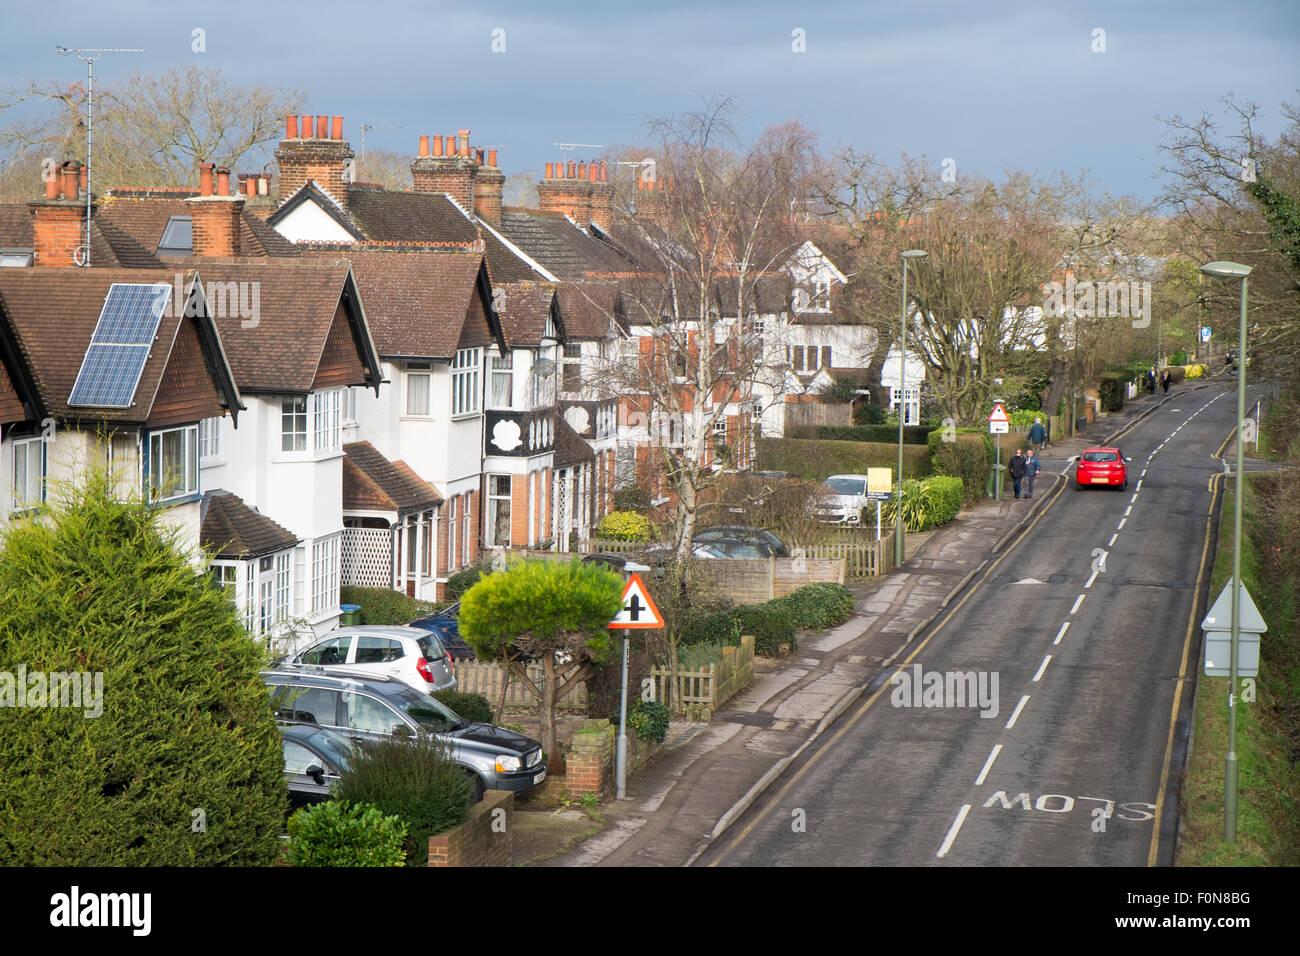 Surrey suburbs